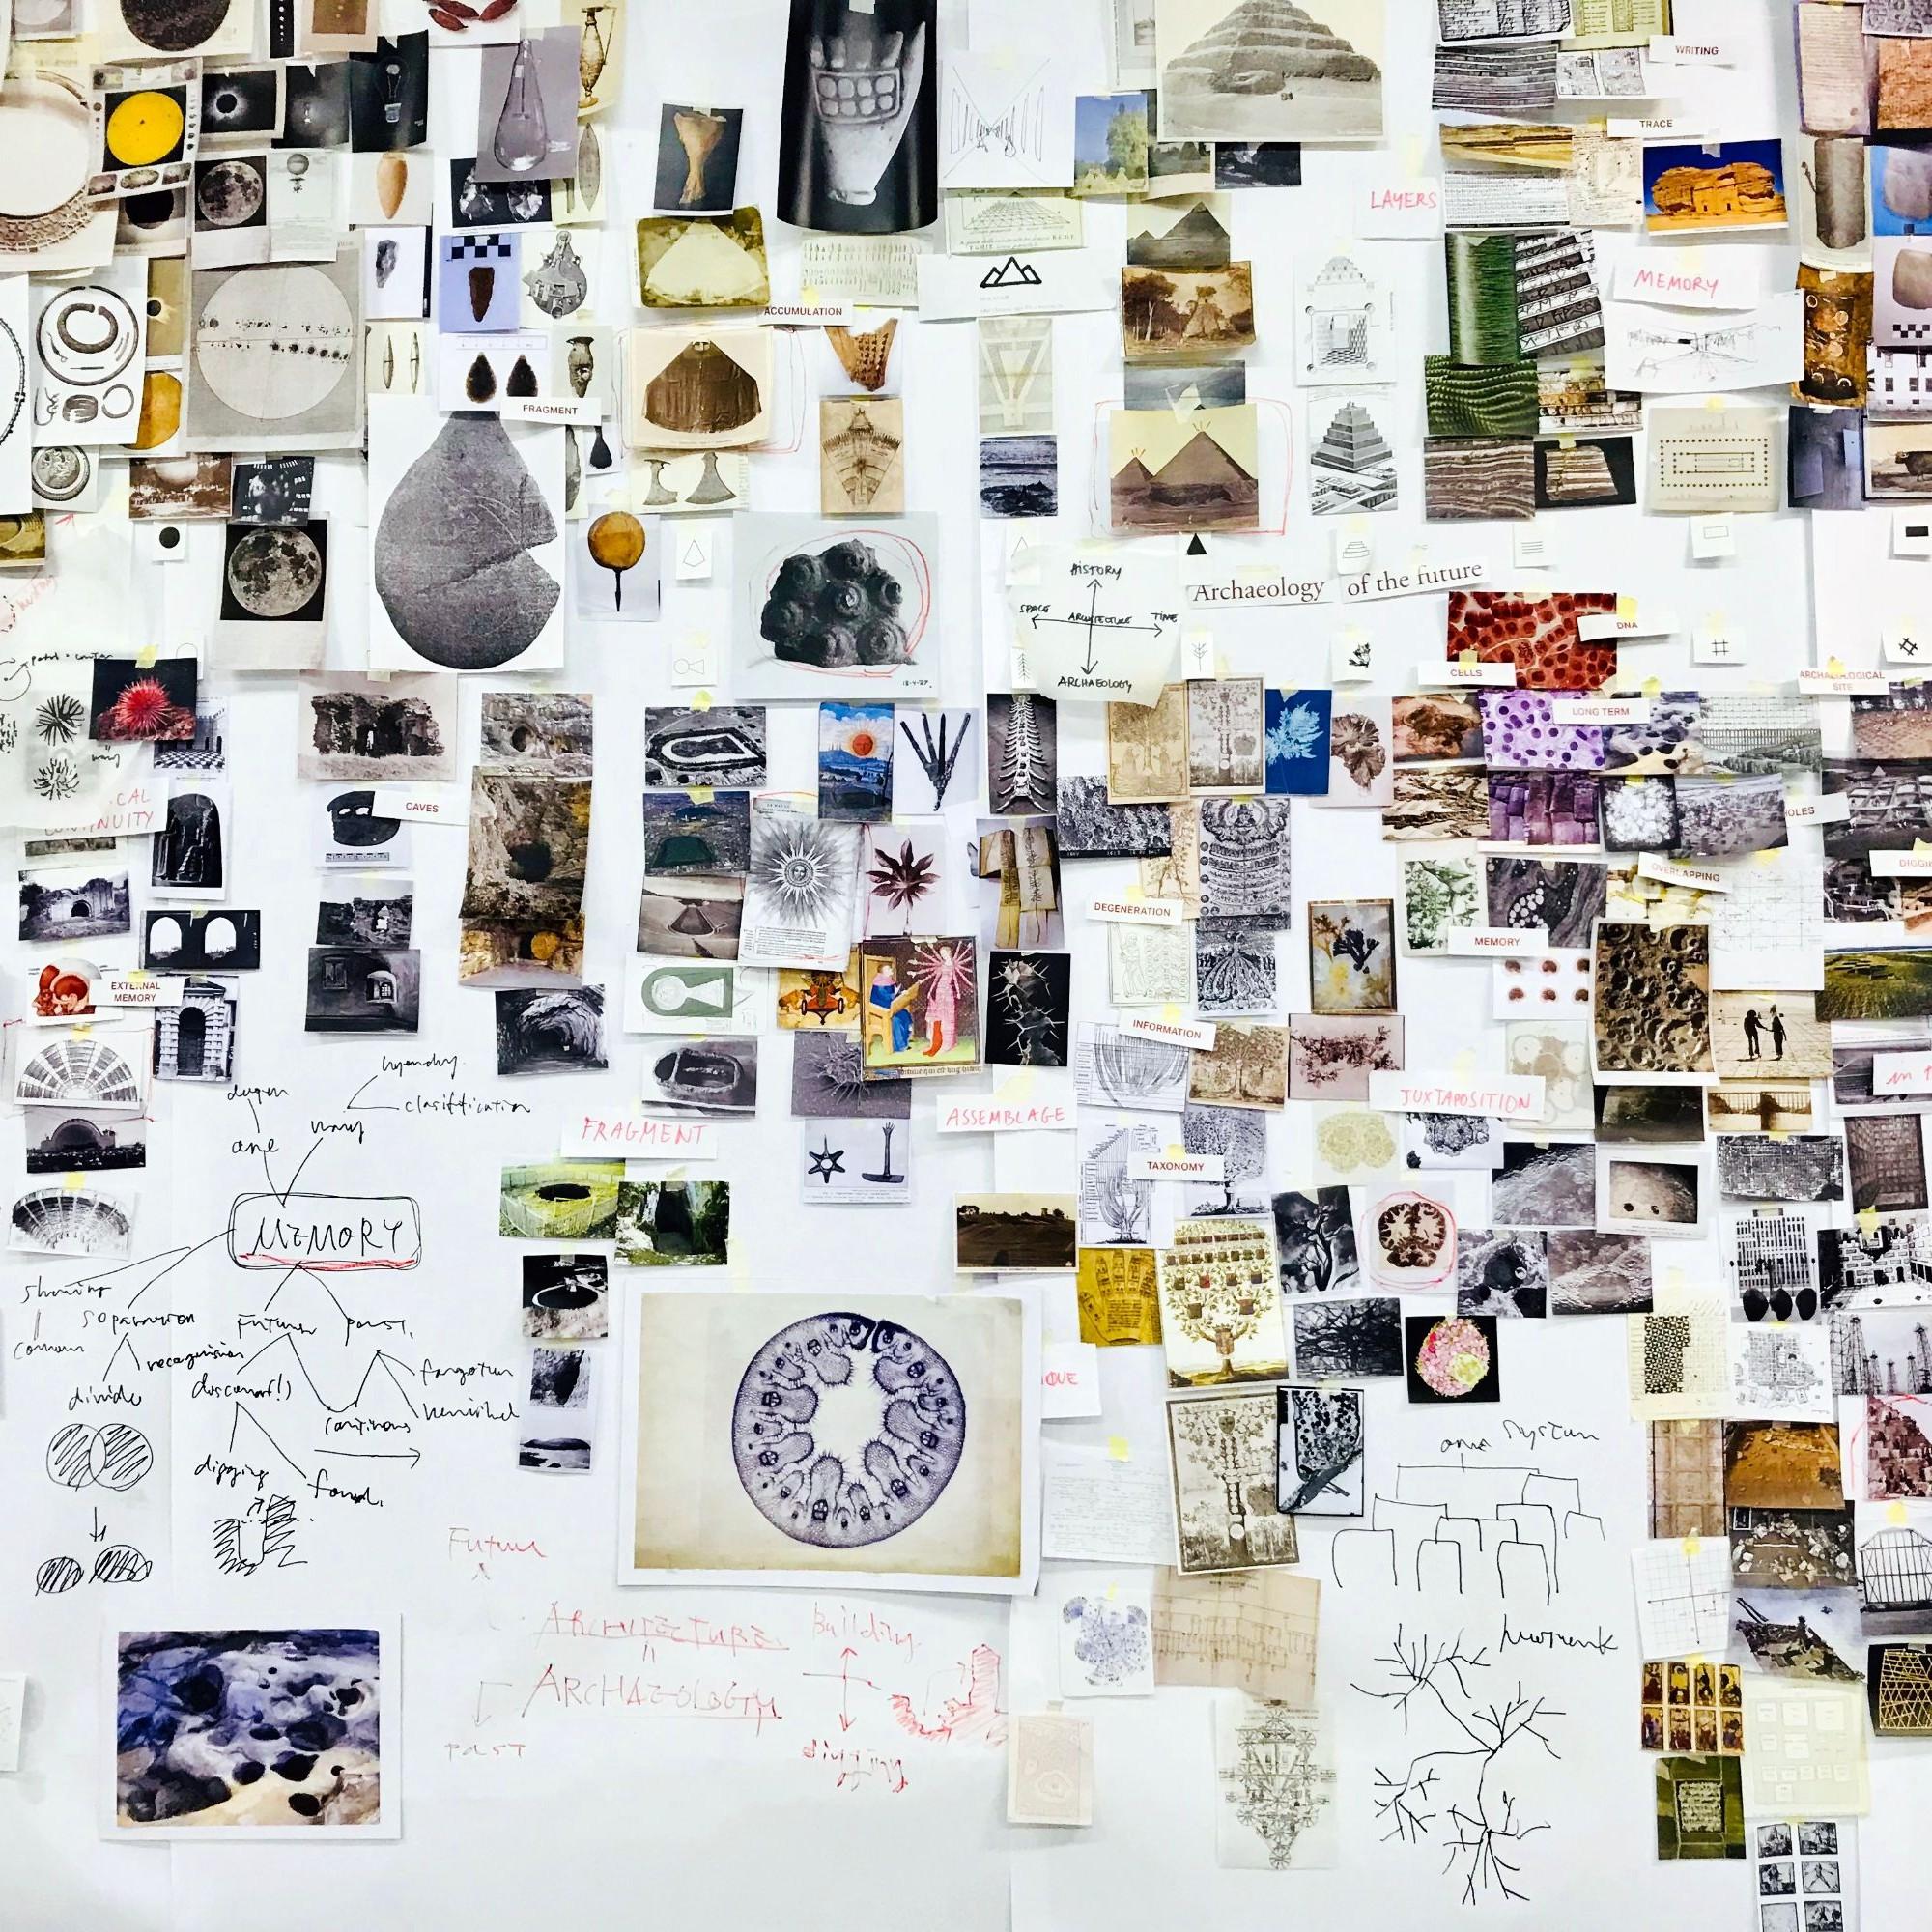 Le Musée d'architecture suisse expose Tsuyoshi Tane et son archéologie du futur